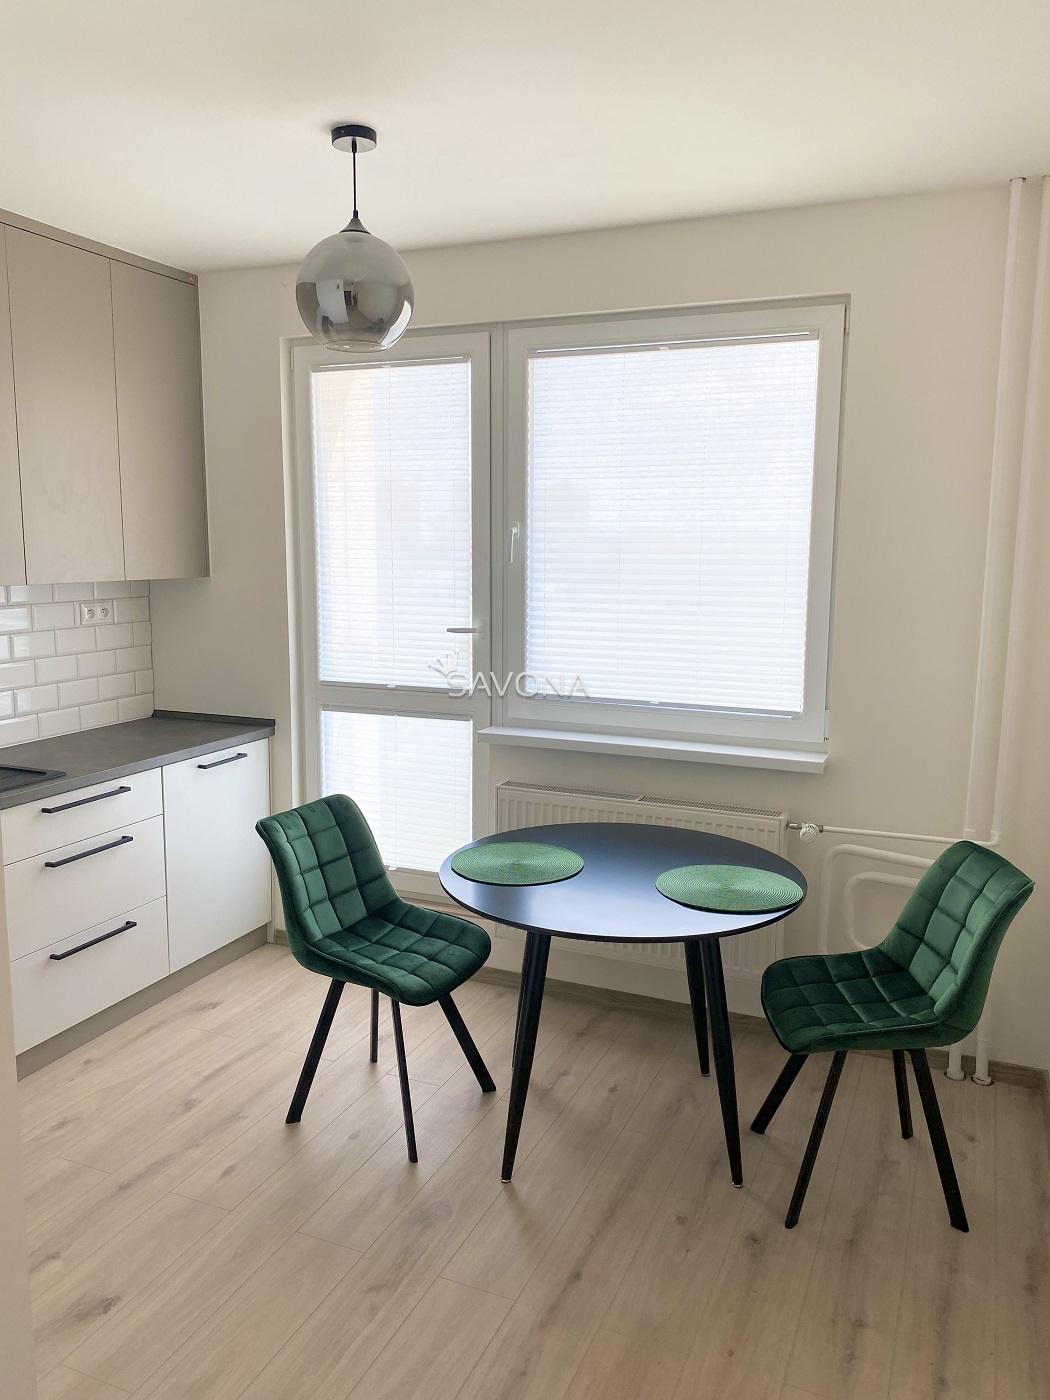 PRENAJATÝ - 1 izbový byt s balkónom, ul. JESENNÁ – POPRAD